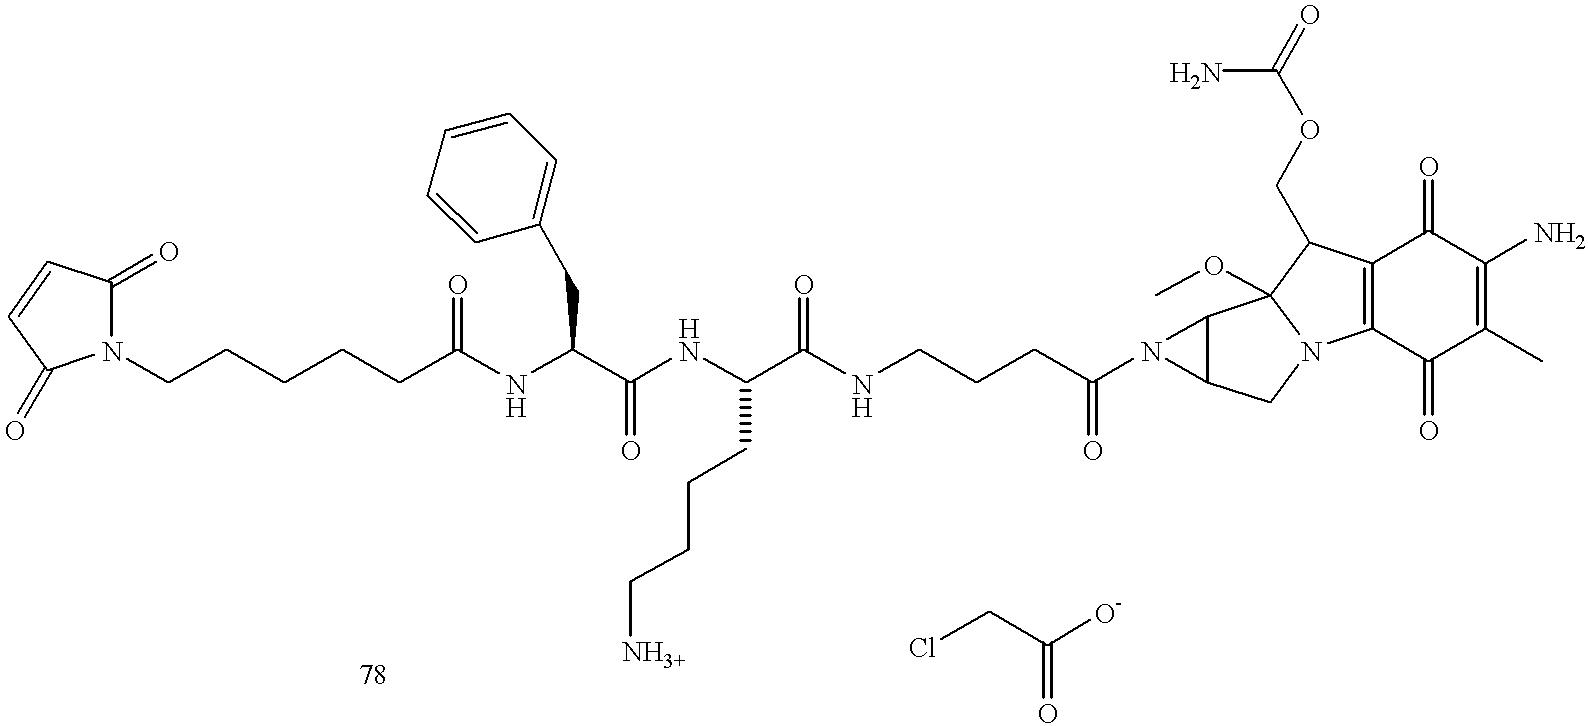 Figure US06214345-20010410-C00071